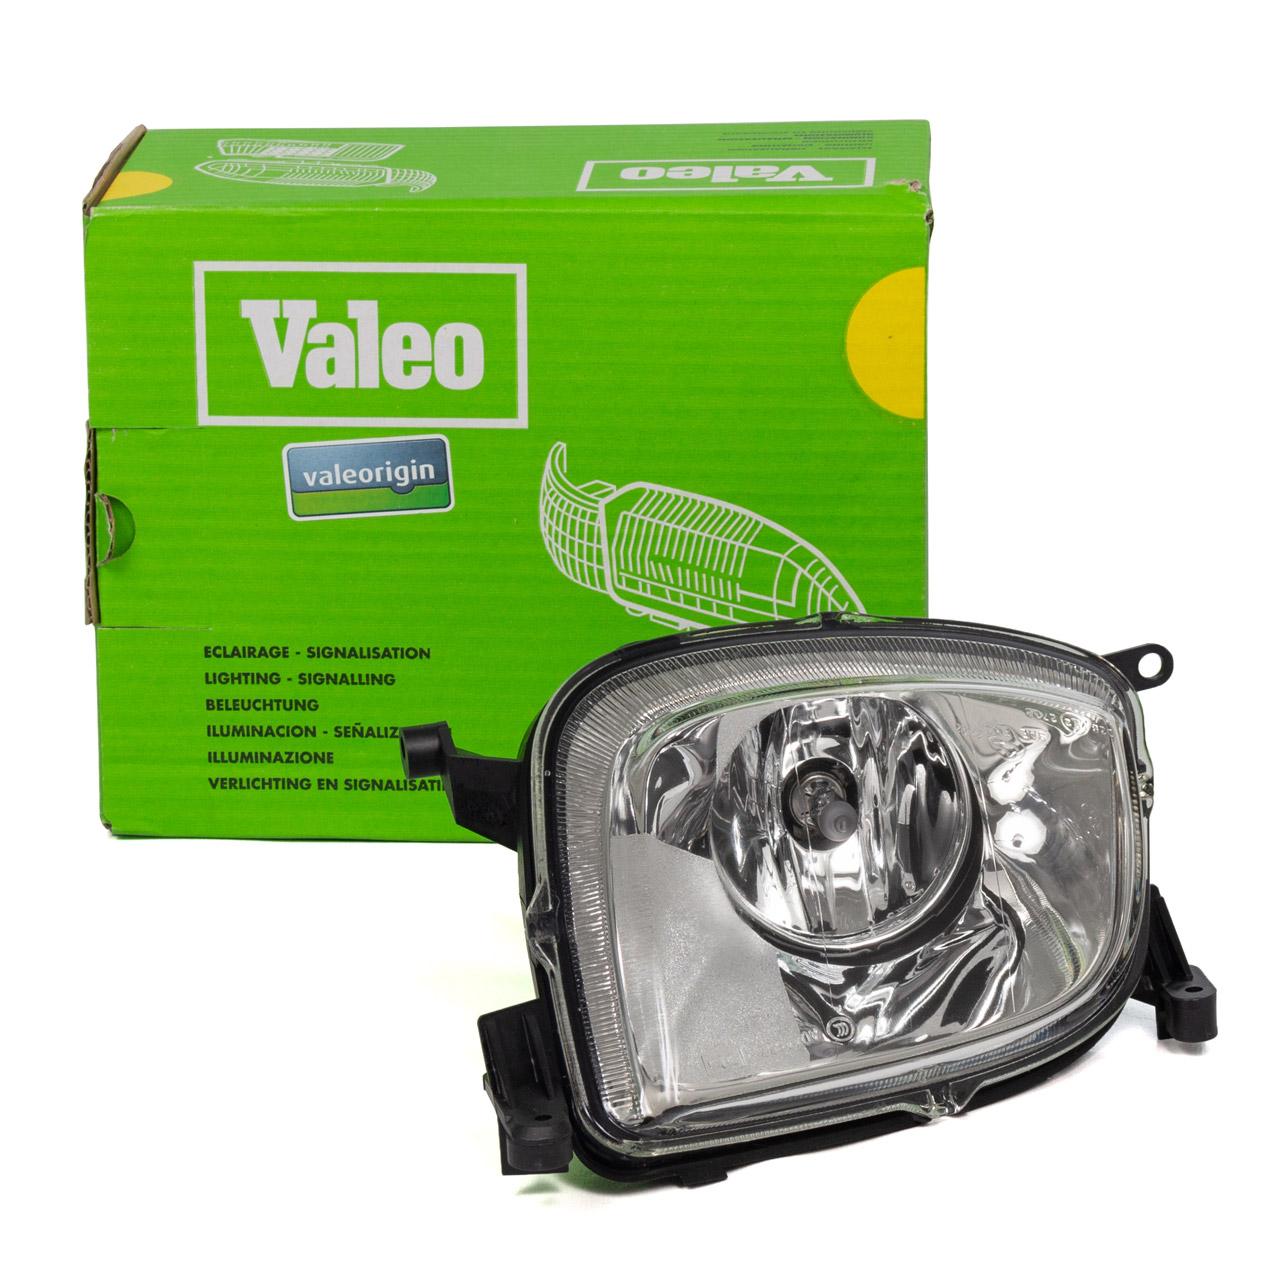 VALEO Nebelscheinwerfer H11 PORSCHE Cayenne 9PA 03.2003-12.2006 rechts 95563116202